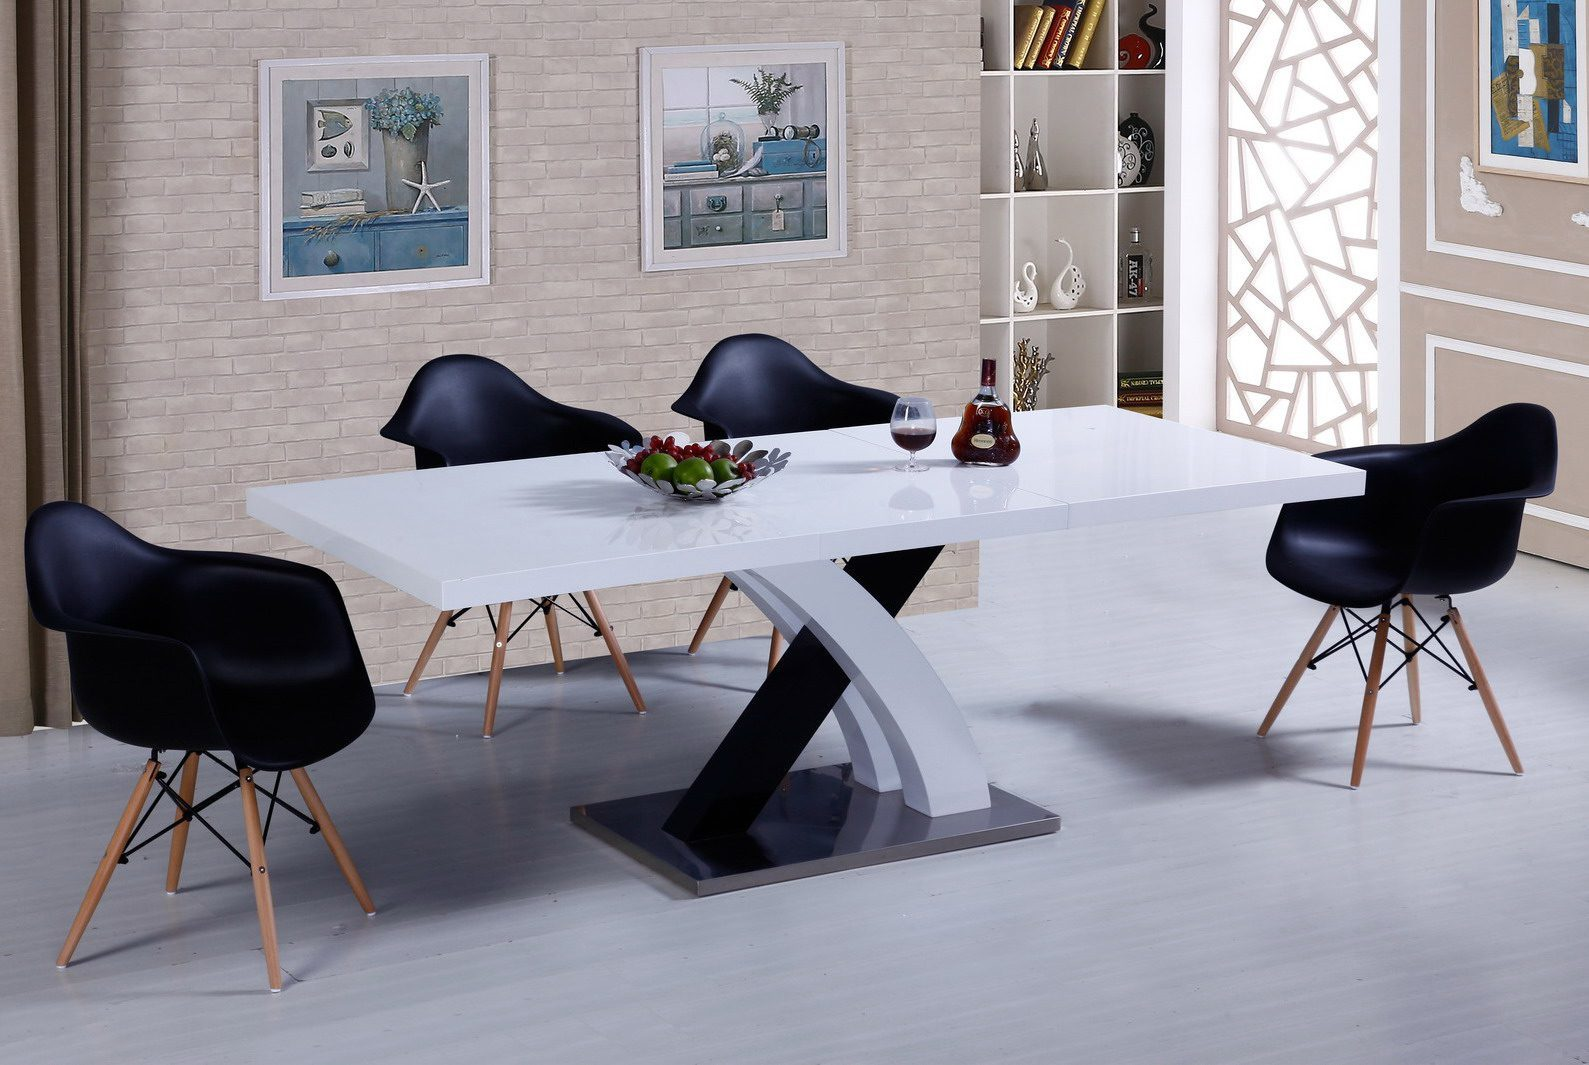 Стол ESF LT75 белый, стулья ESF 982 черный